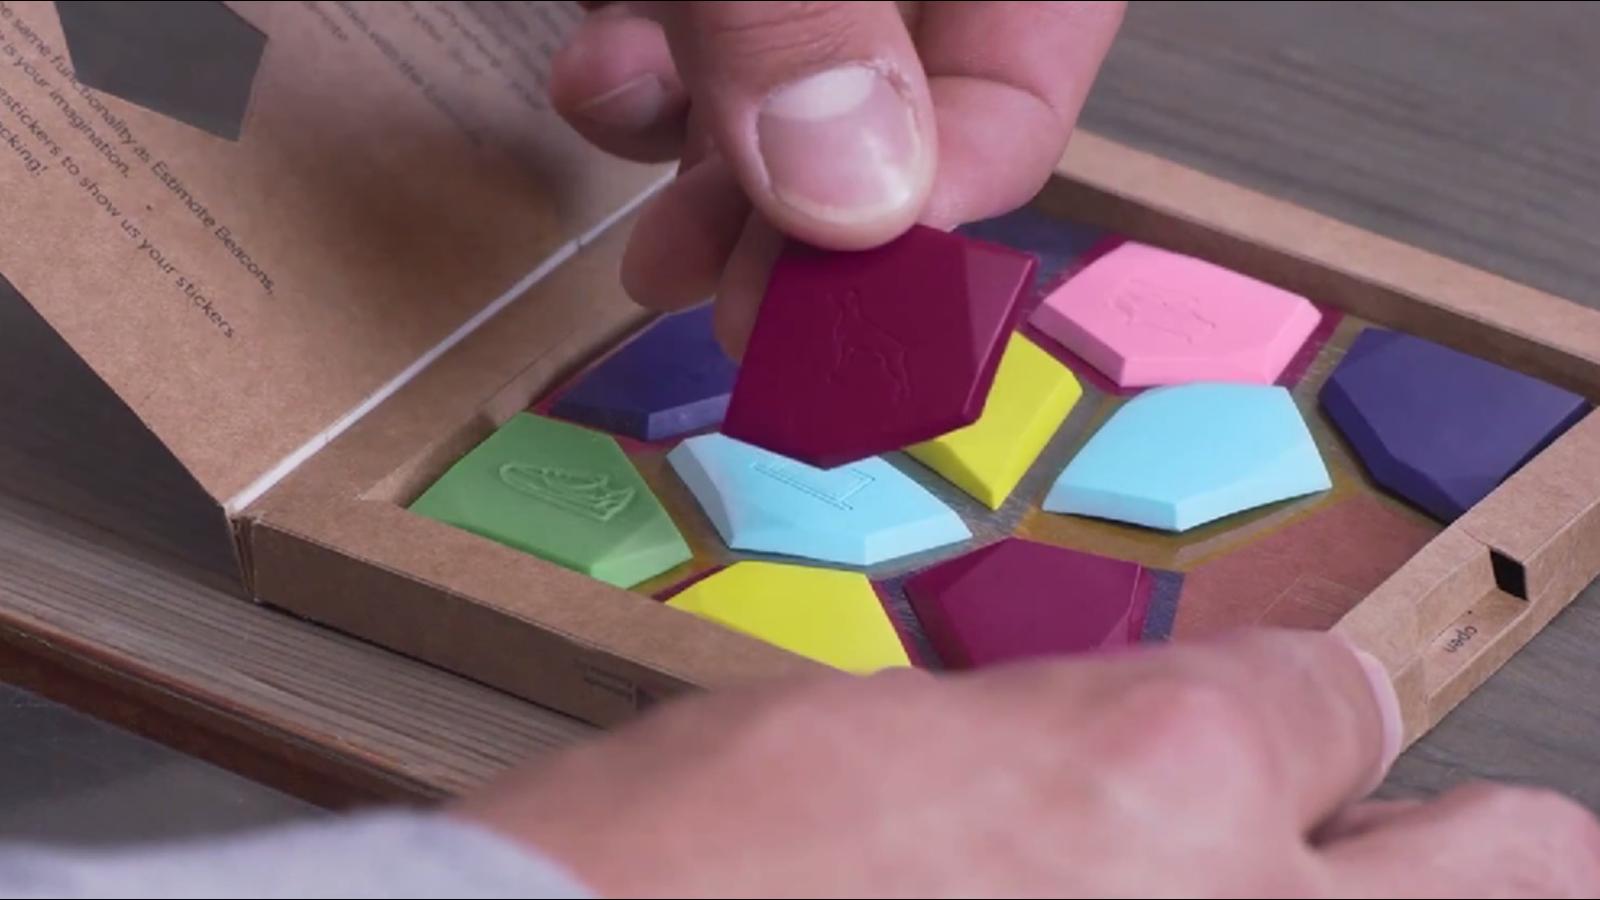 Estas pegatinas convierten cualquier cosa en un objeto inteligente